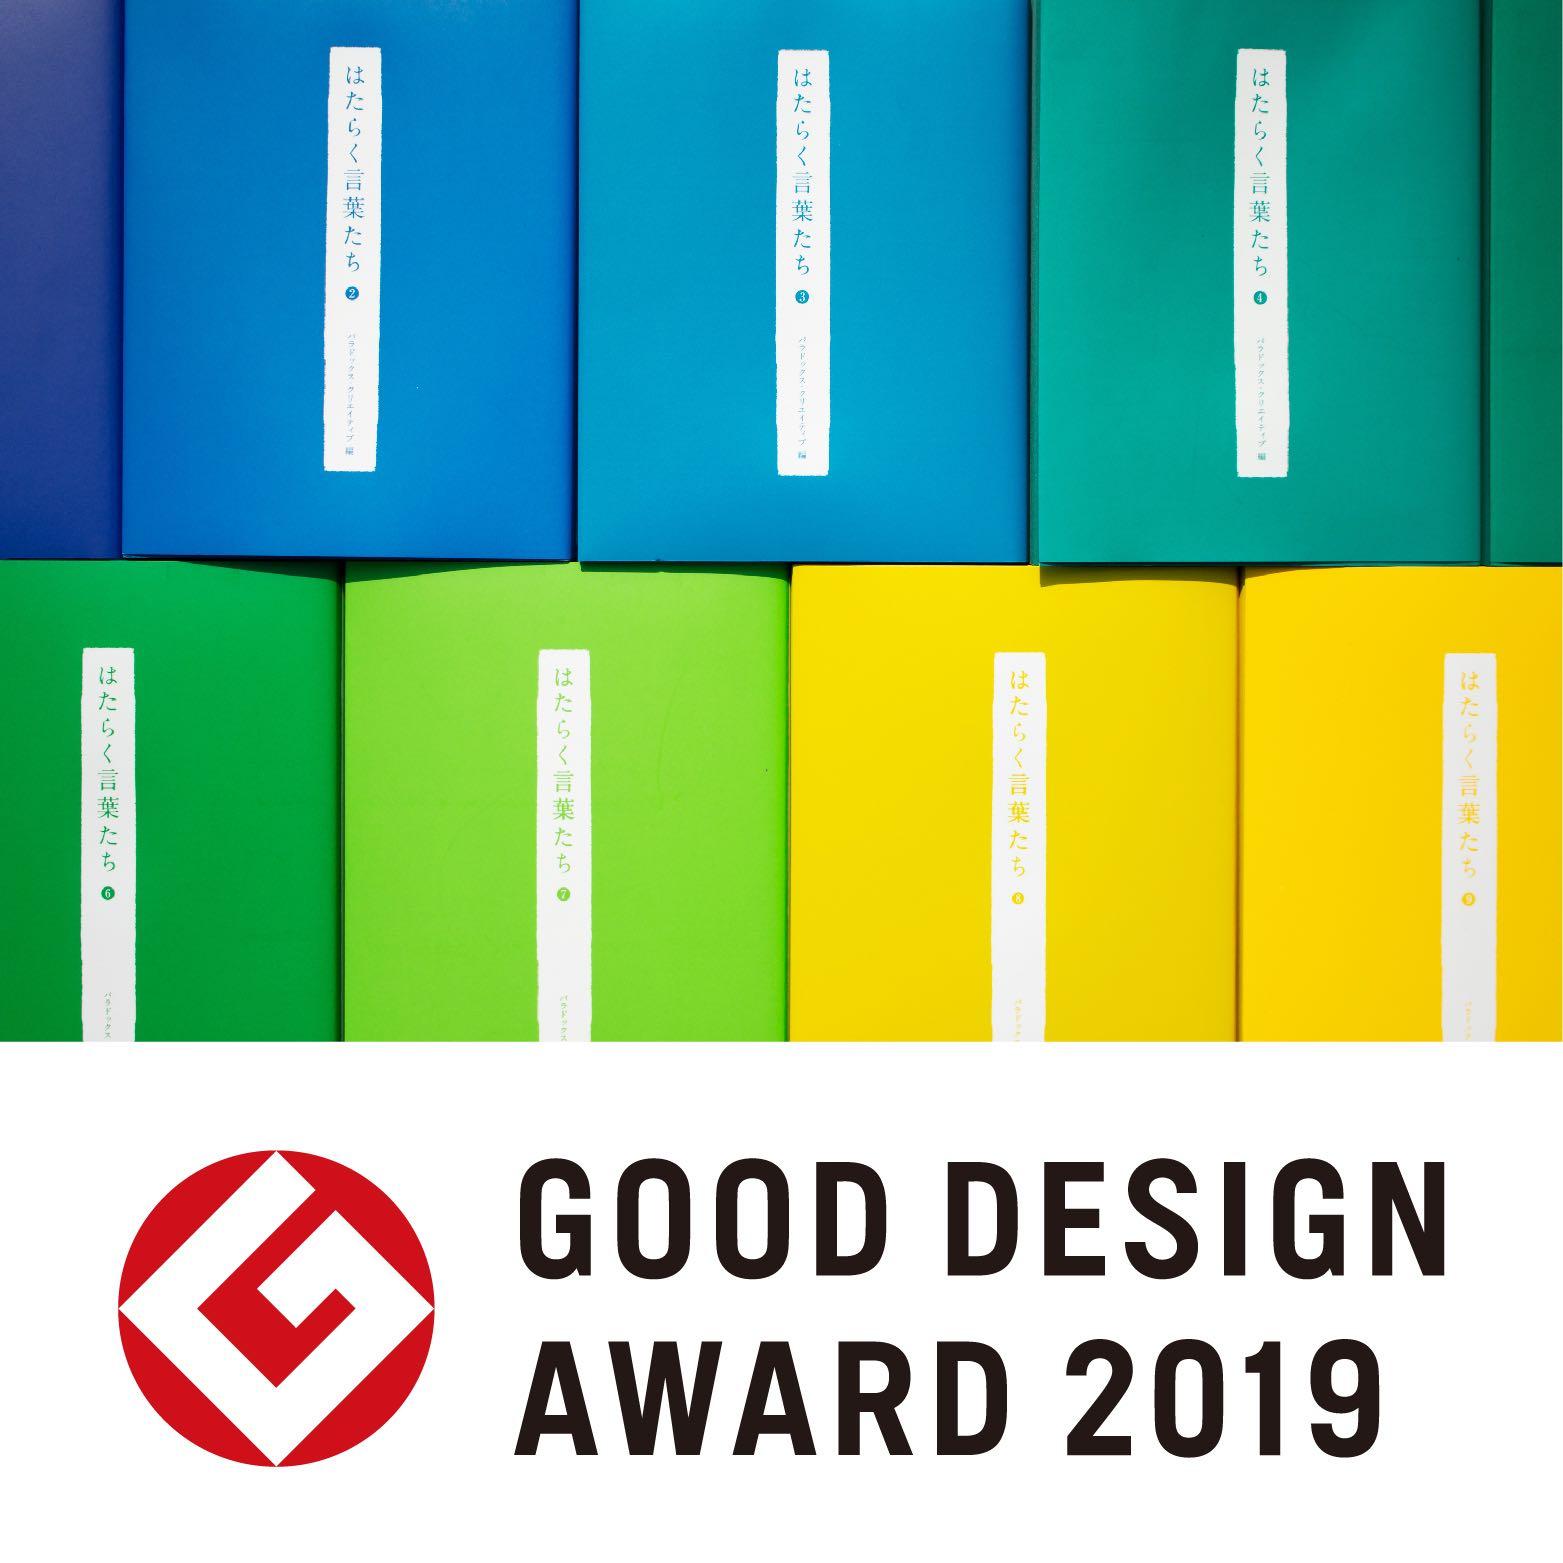 「はたらく言葉たち」がグッドデザイン賞2019を受賞しました。